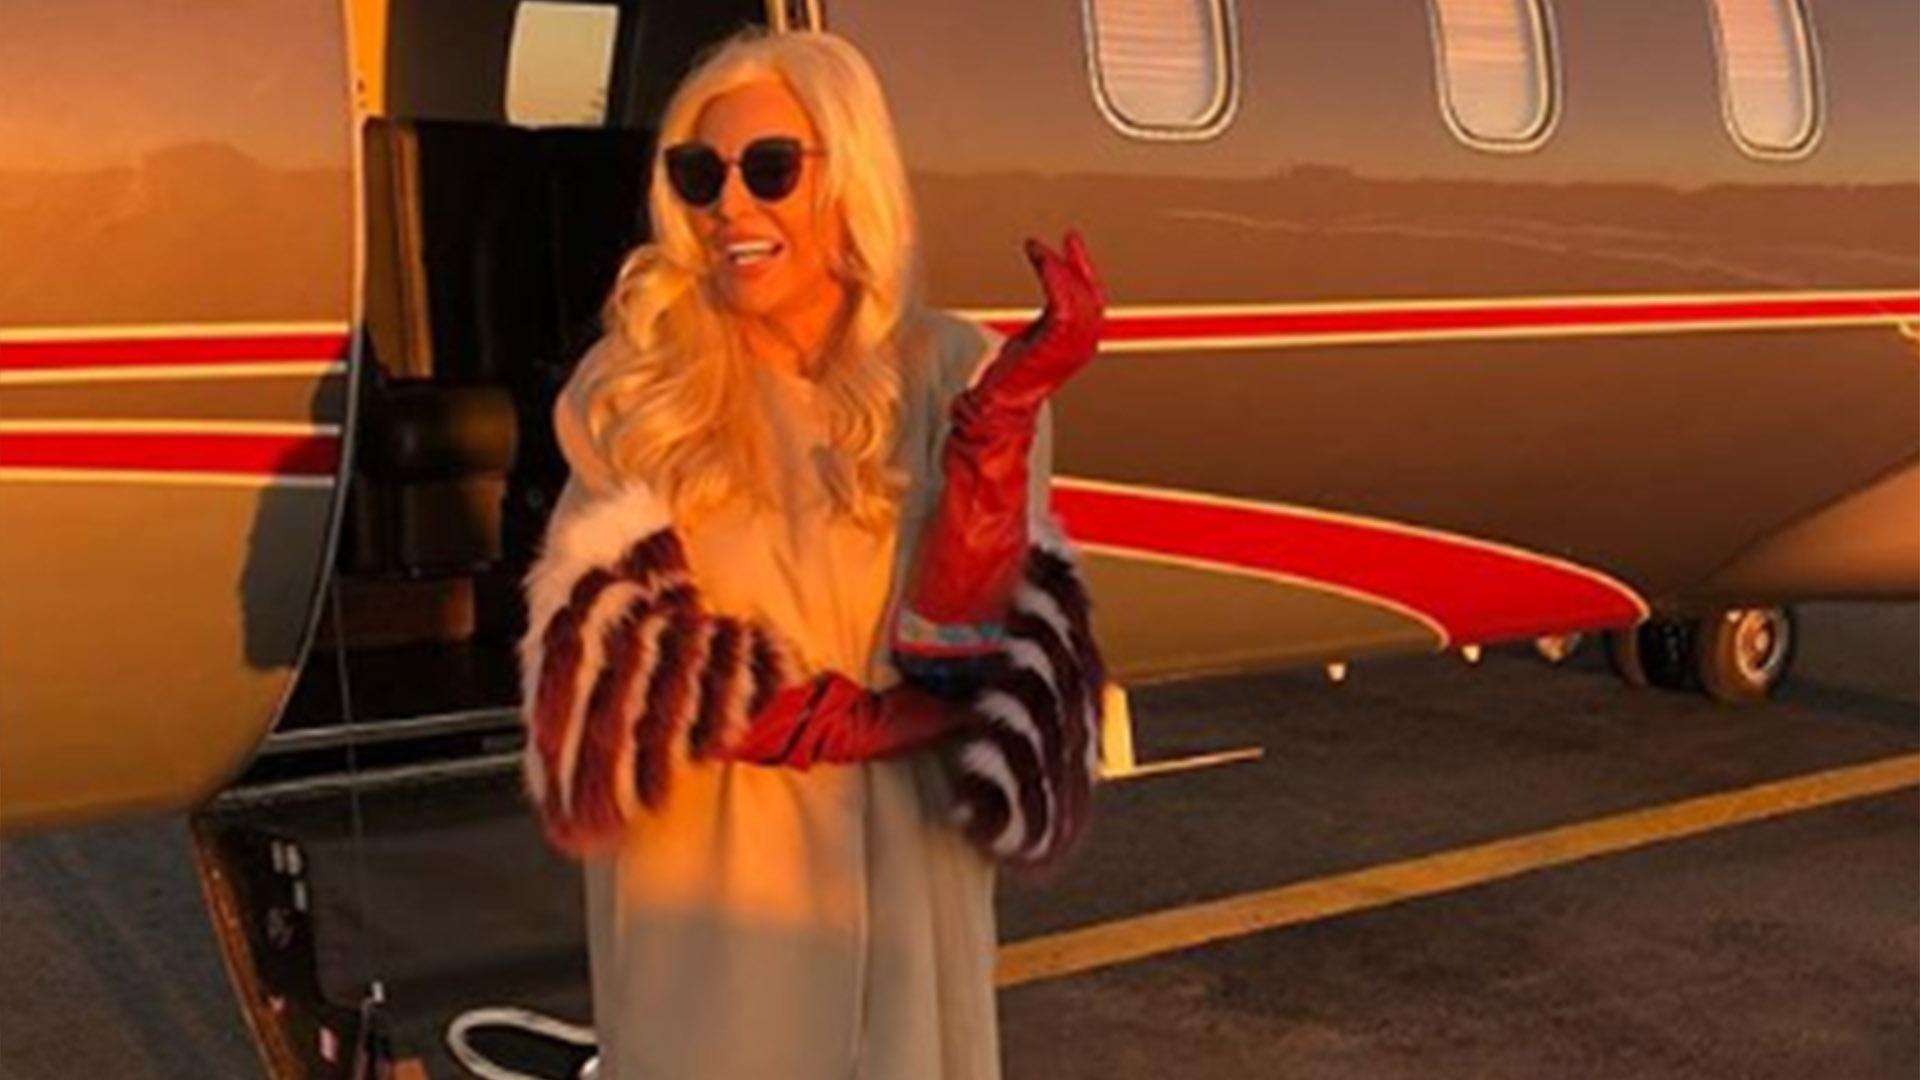 un famoso periodista piloteo el avion en el que viajo susana gimenez a uruguay